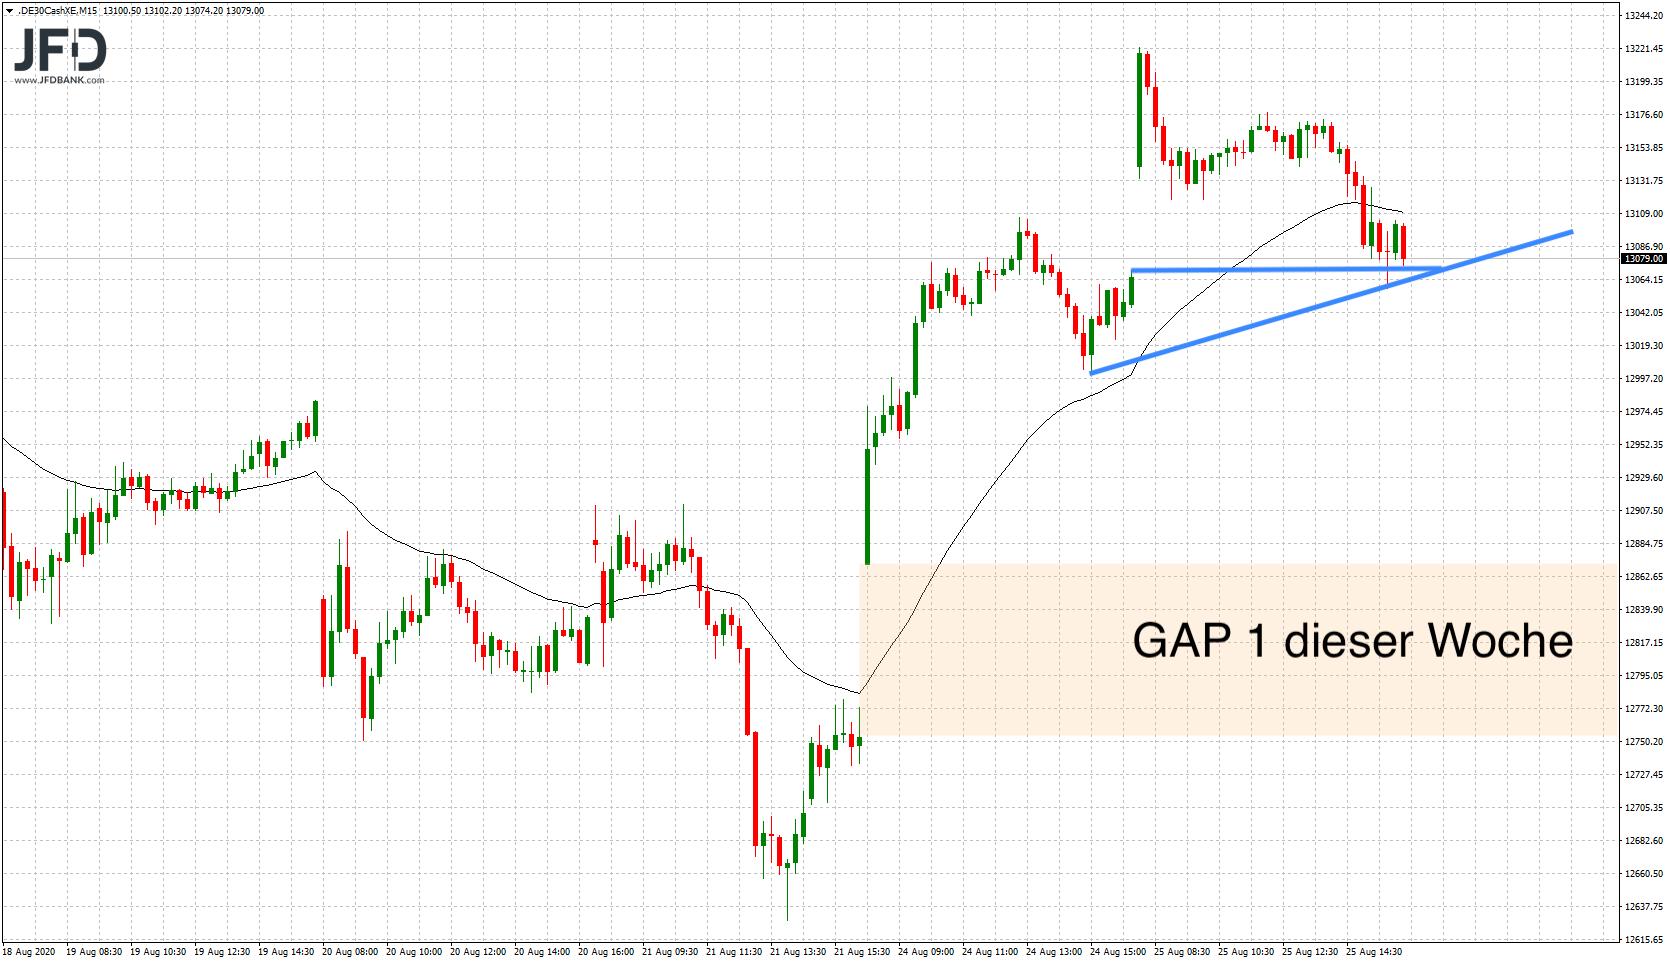 GAP 1 der Handelswoche: DAX-Idee